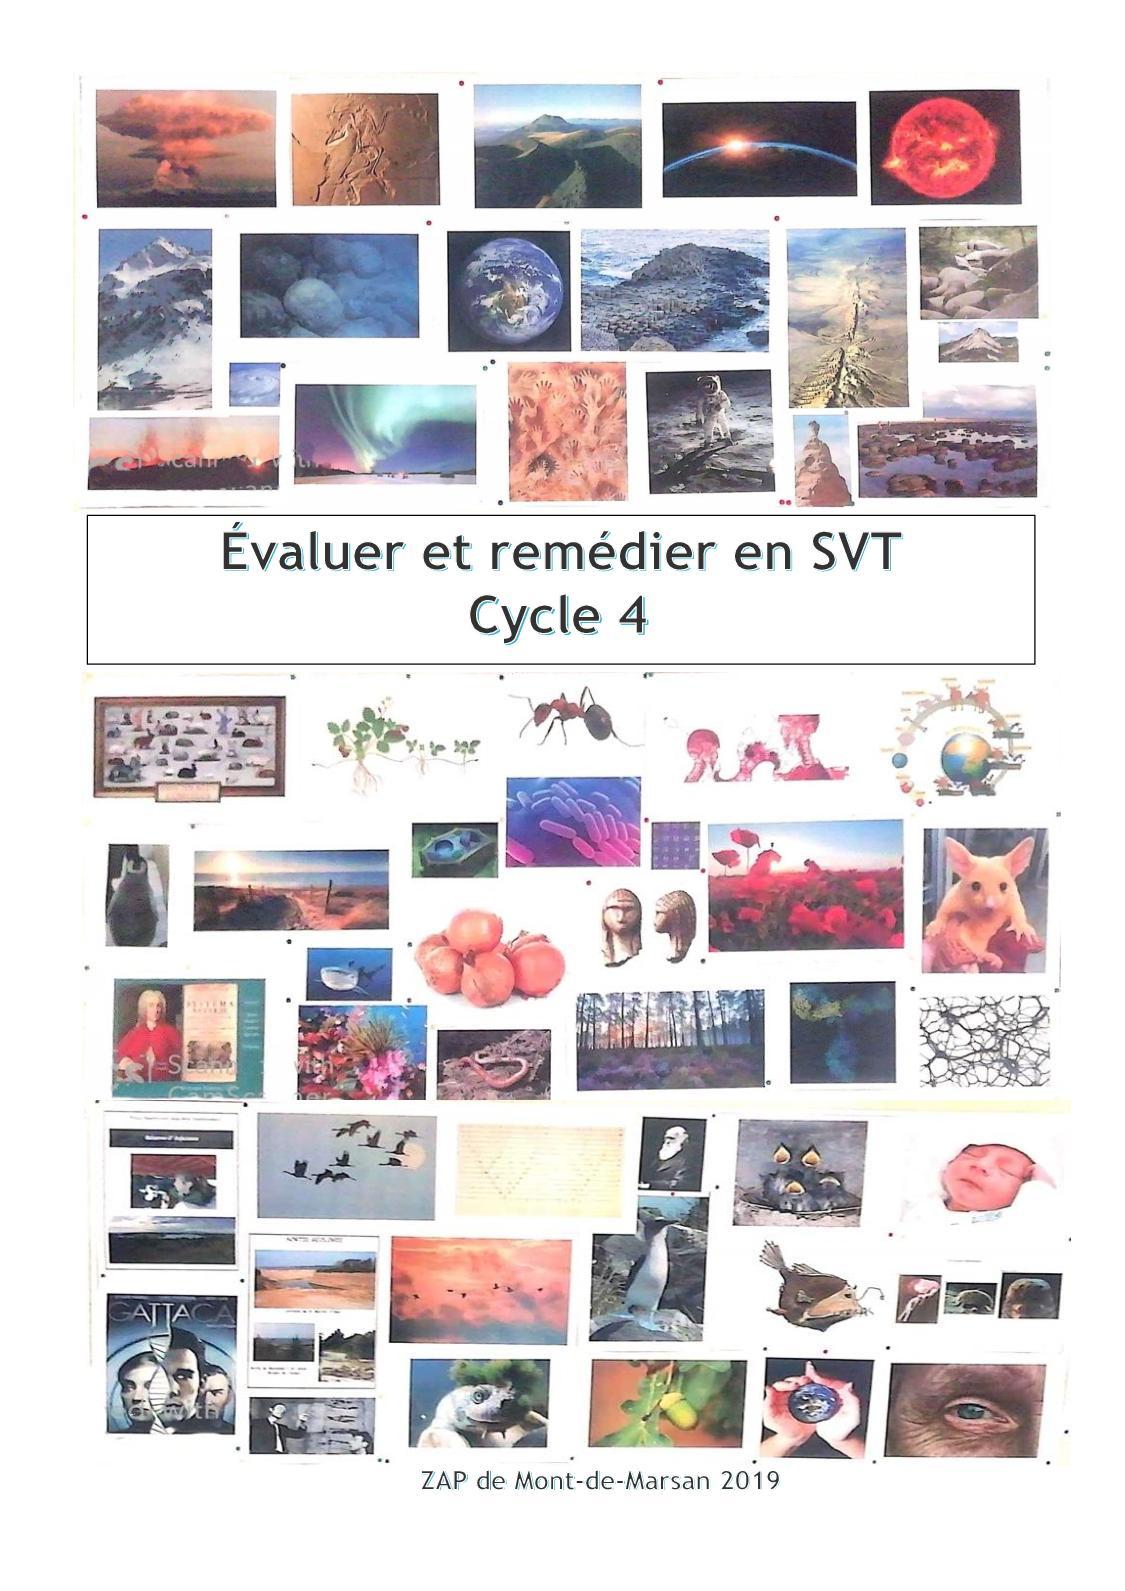 Evaluer et remédier en SVT cycle 4